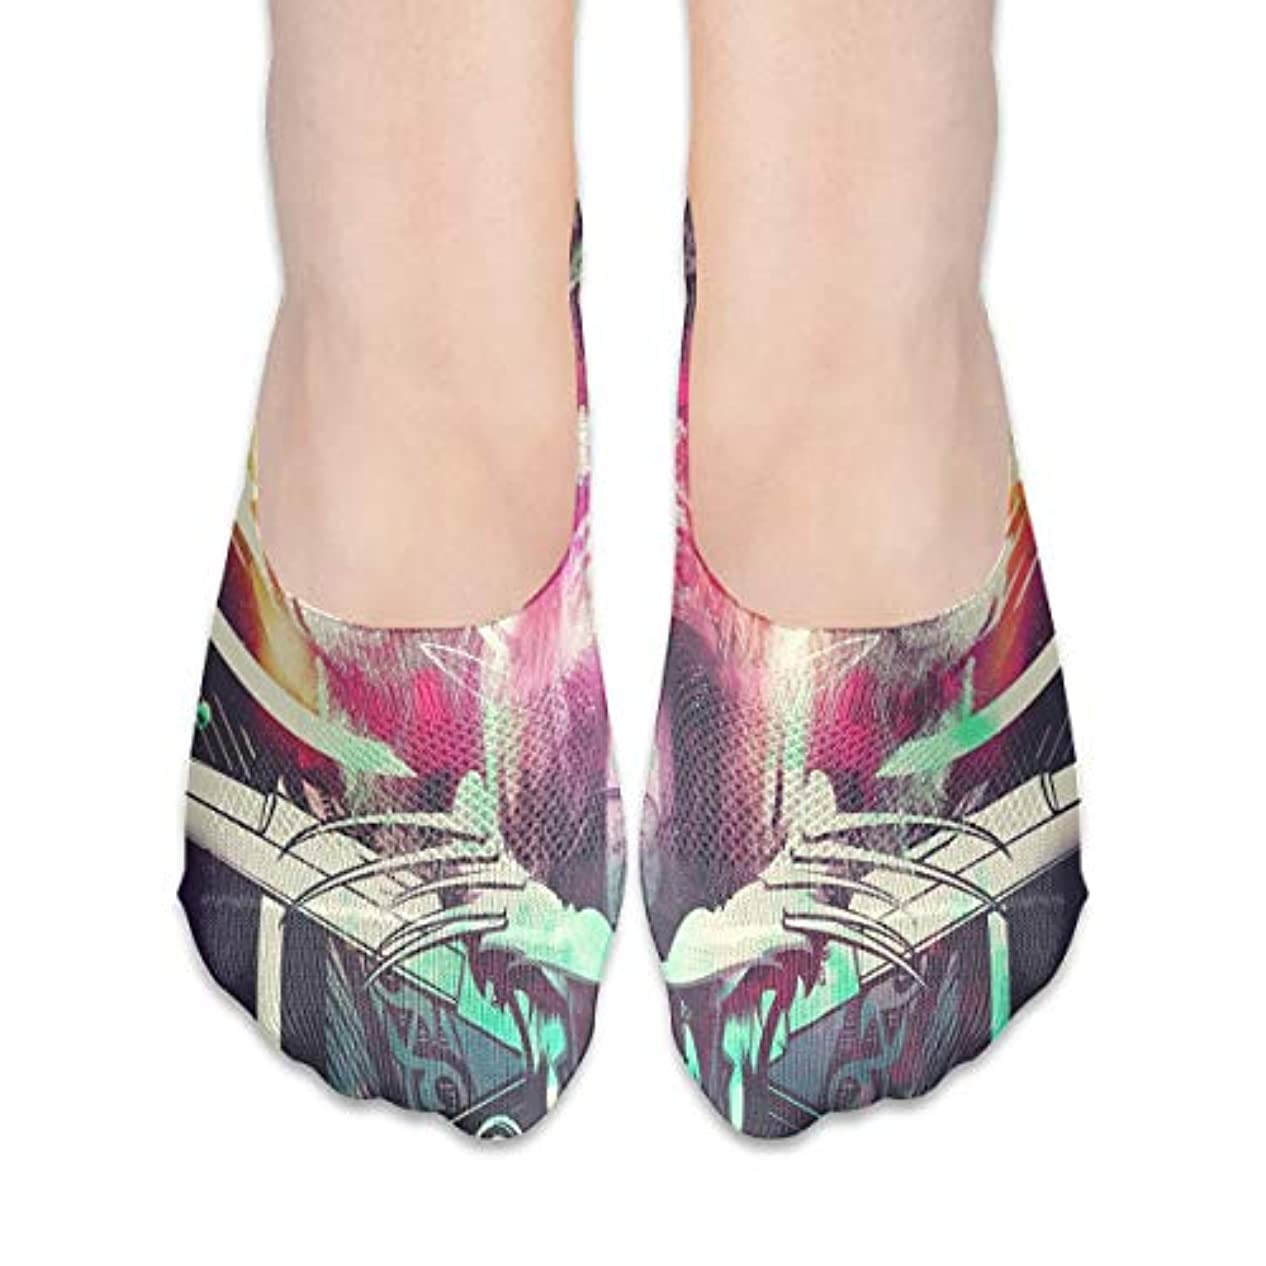 学習者良心まだら女性の豪華な抽象スカルローカットコットンボート隠し目に見えない靴下